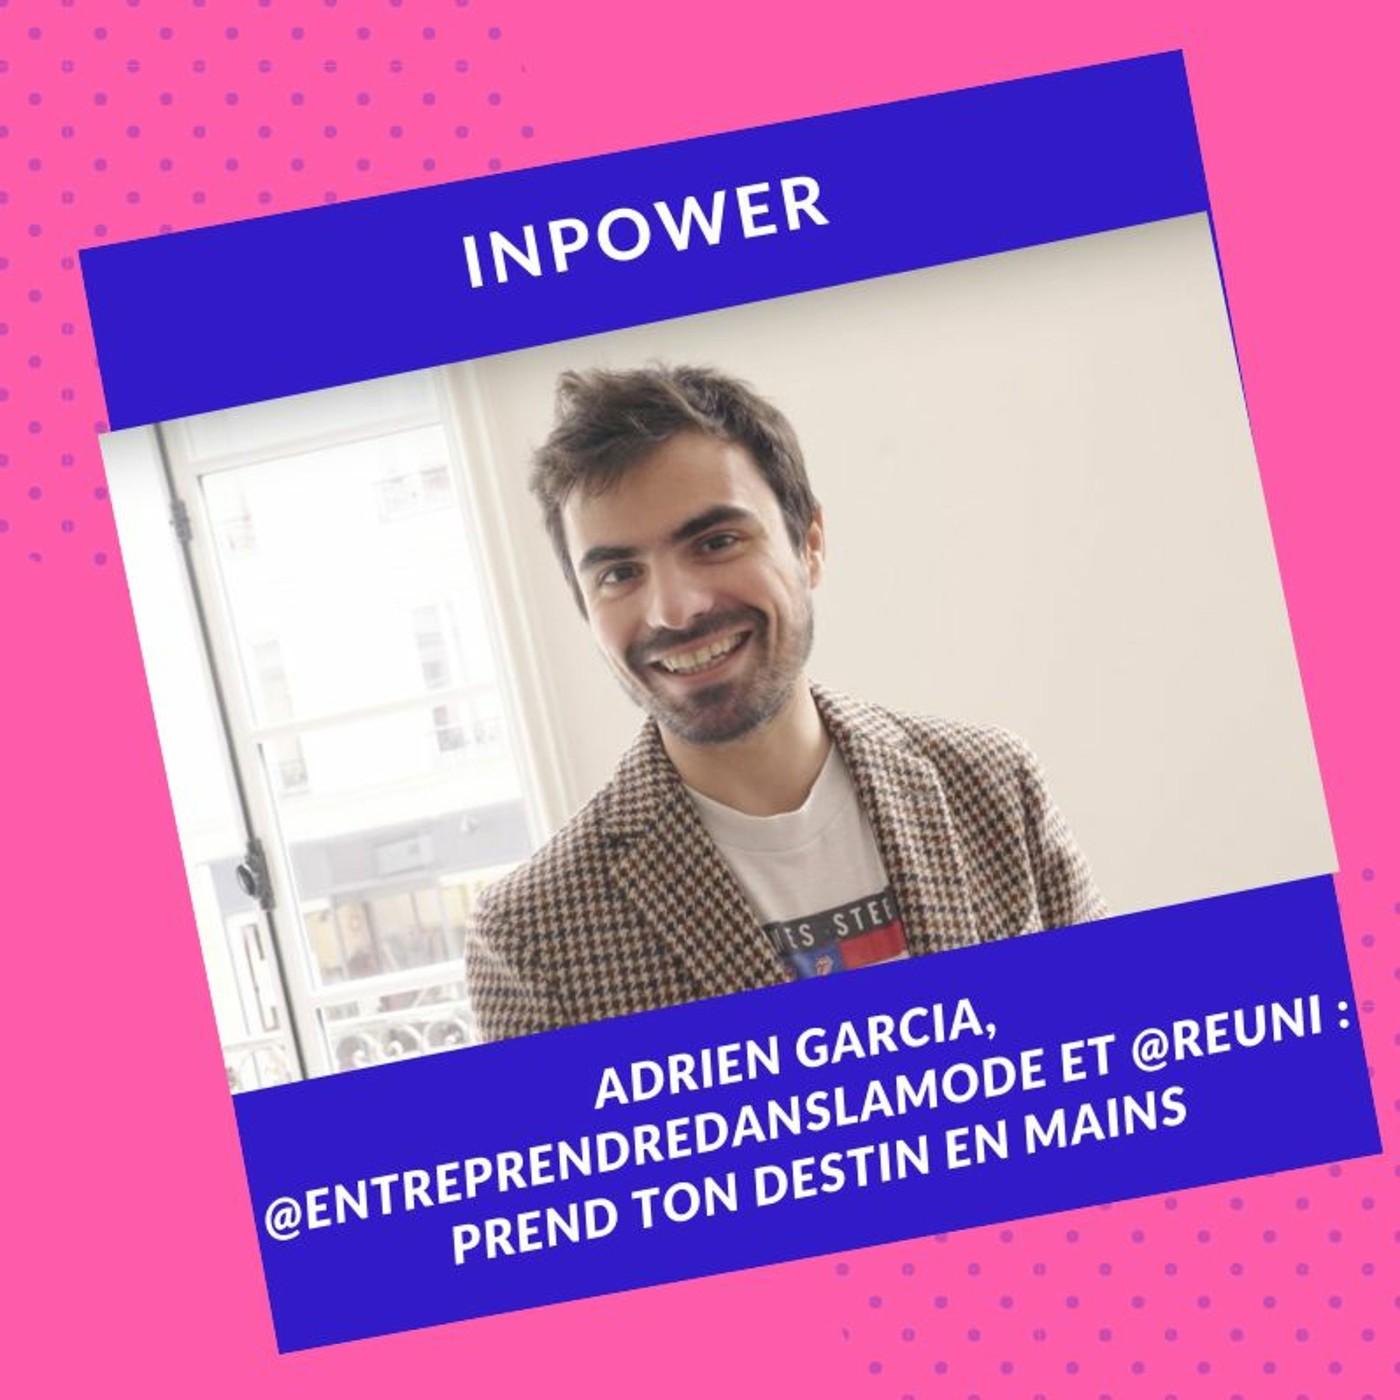 Adrien Garcia, podcasteur et entrepreneur - Prends ton destin en mains